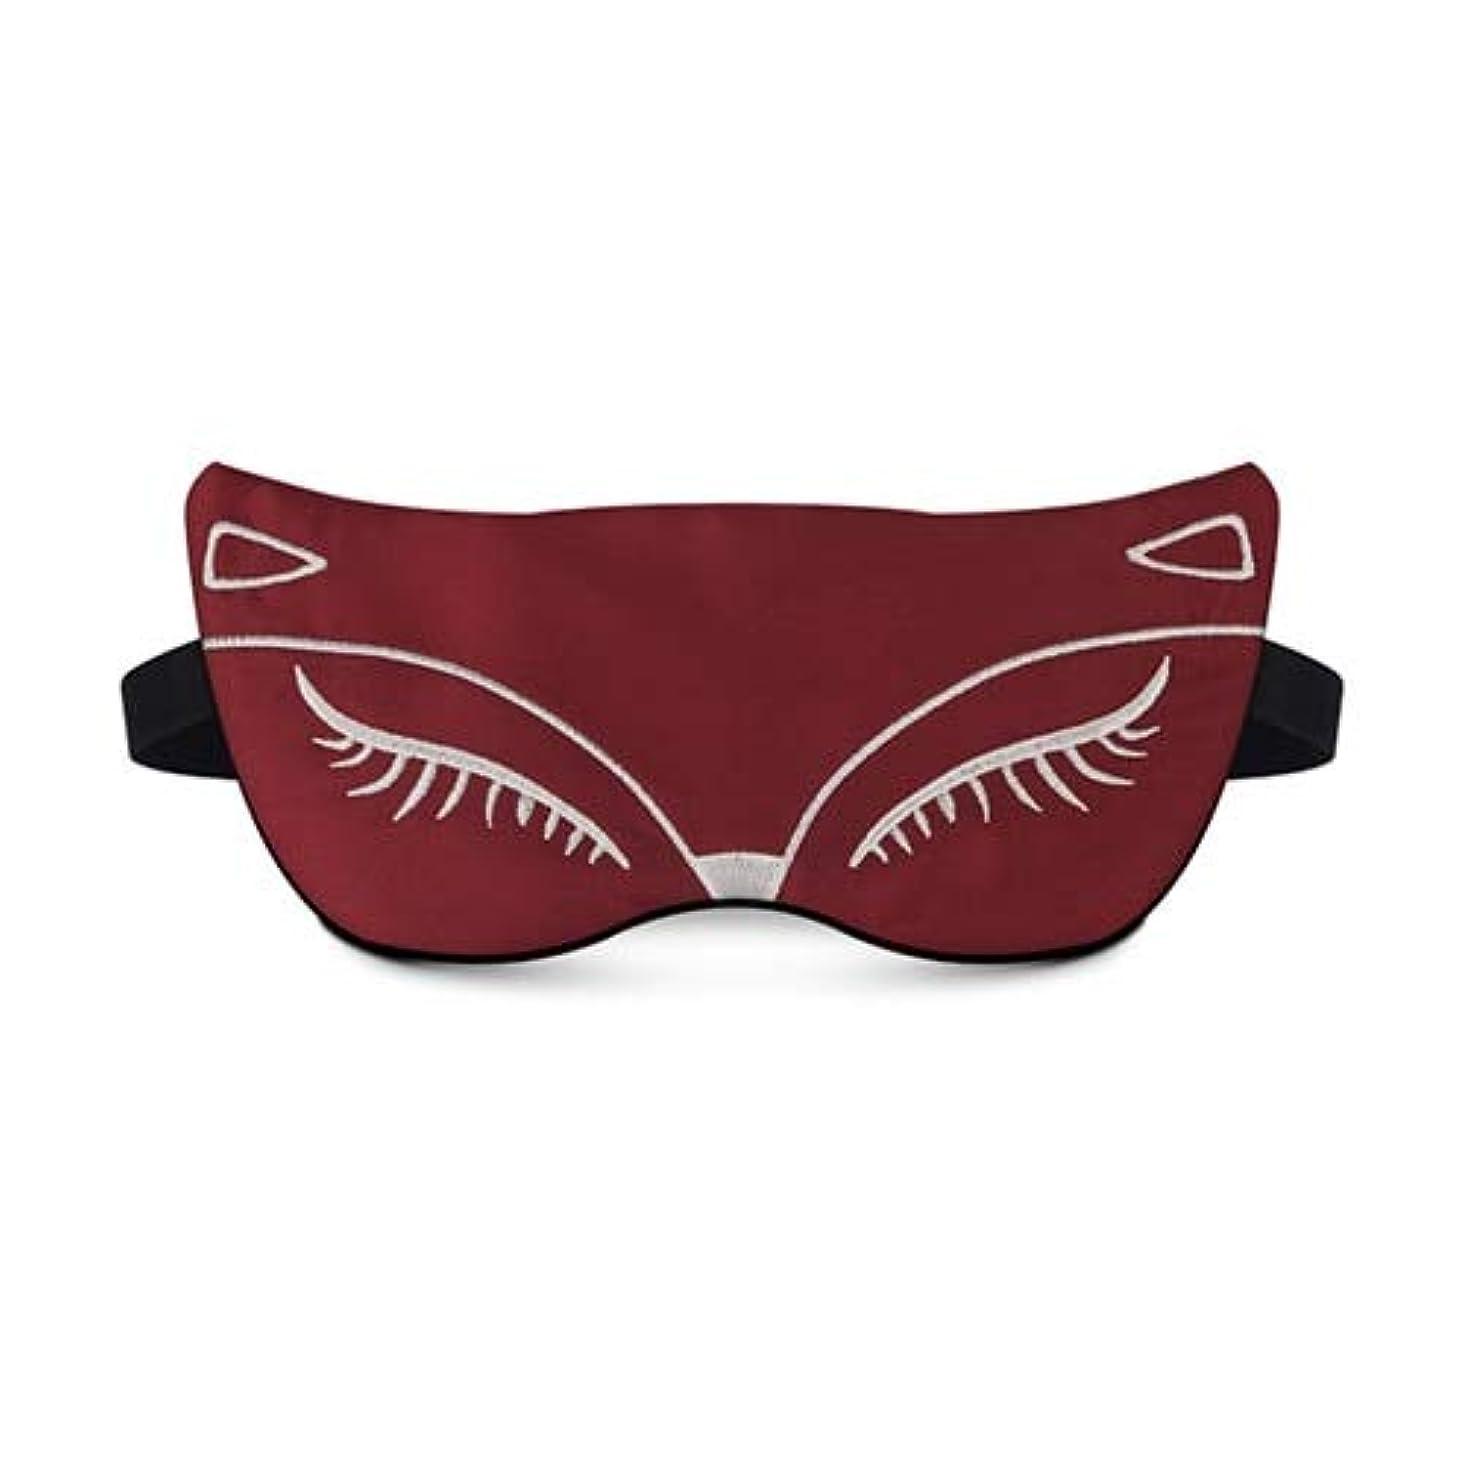 ナプキン講堂比類のないNOTE Protableソフトスリックスリーピングマスクアイパッチアイマスクかわいいリトルフォックス刺繍ライトシェーディングクリエイティブ旅行リラックス睡眠補助